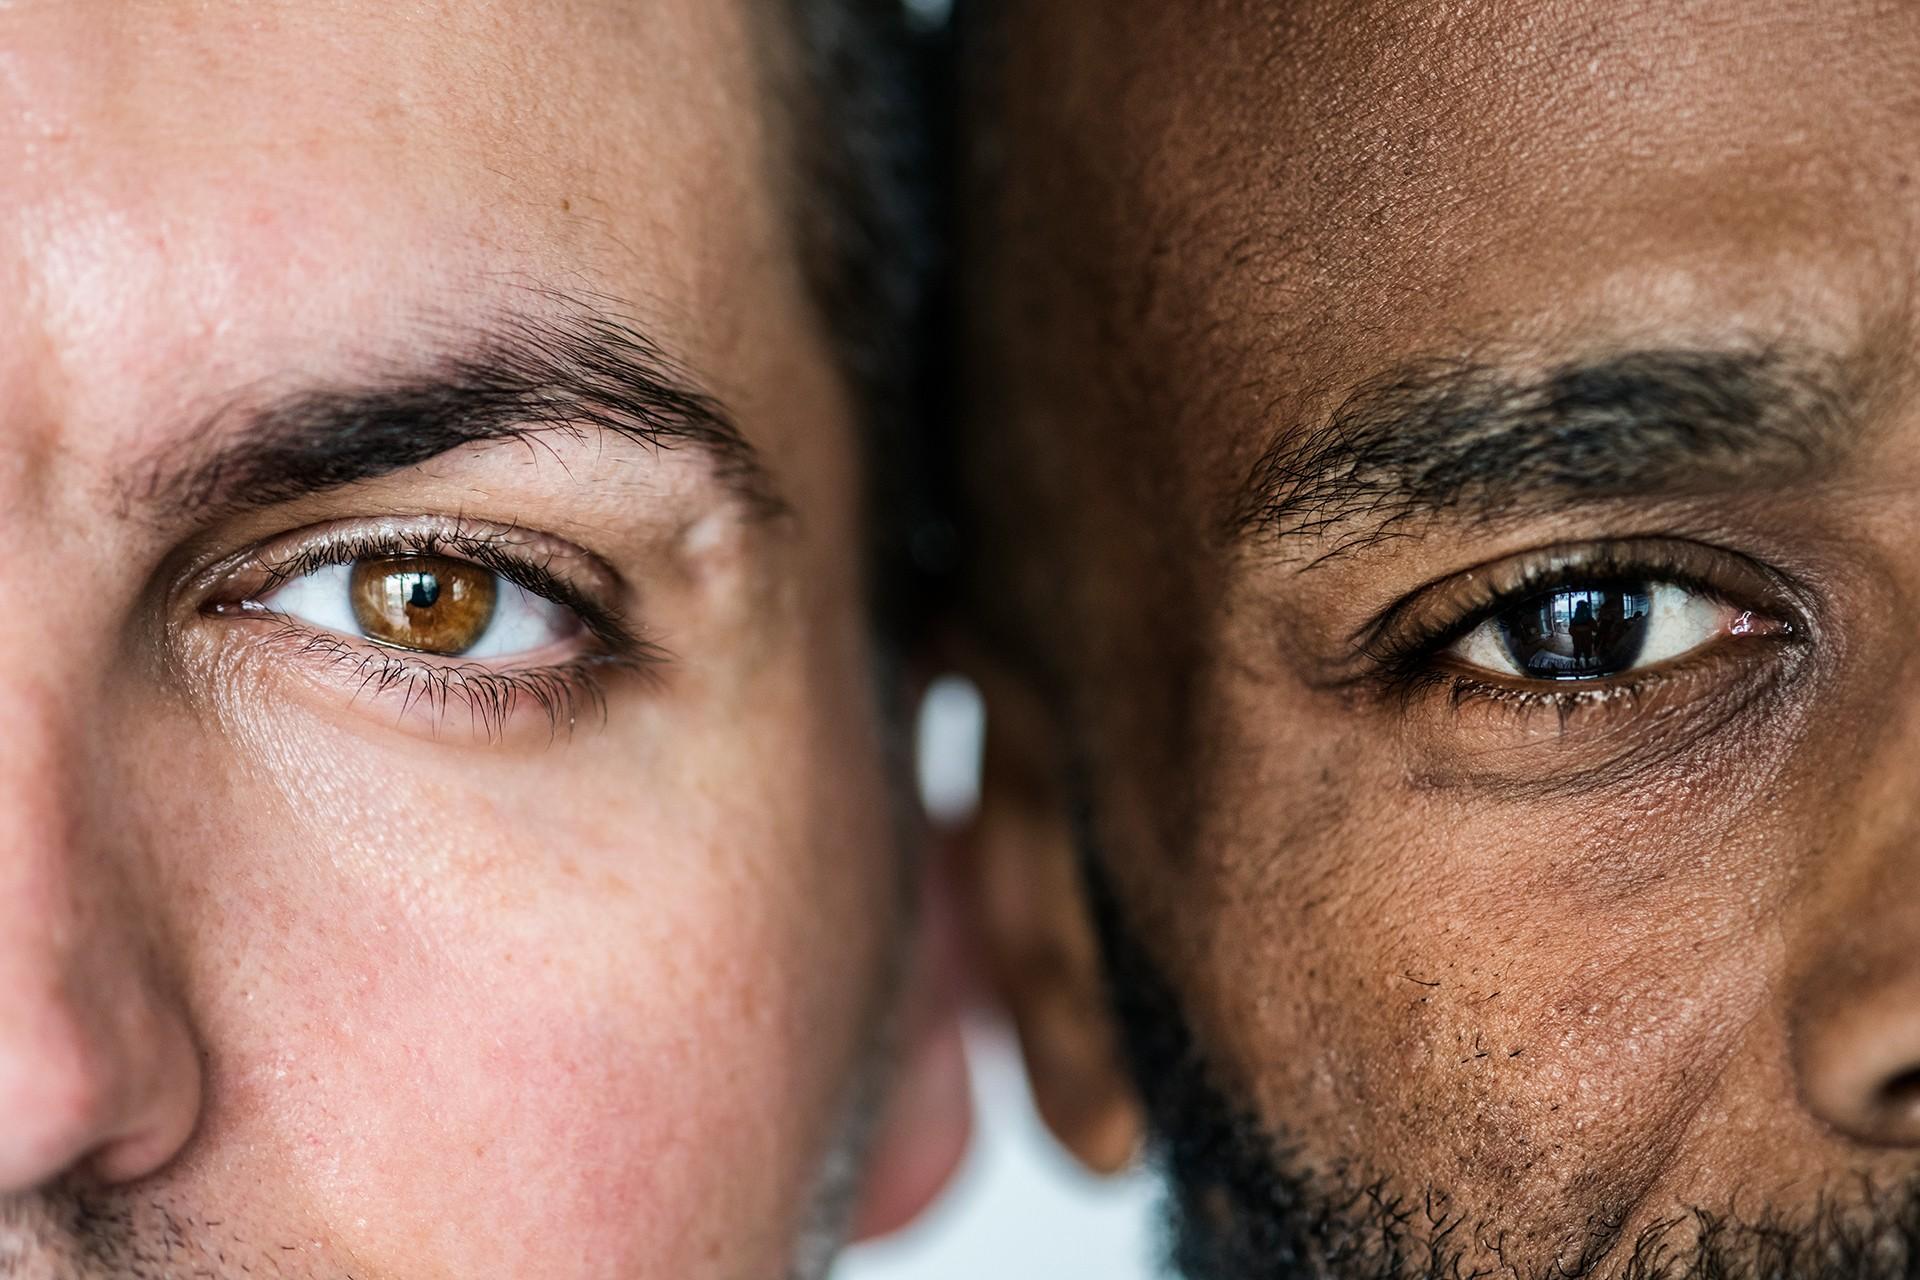 Beyaz ve siyah iki insan yüzü